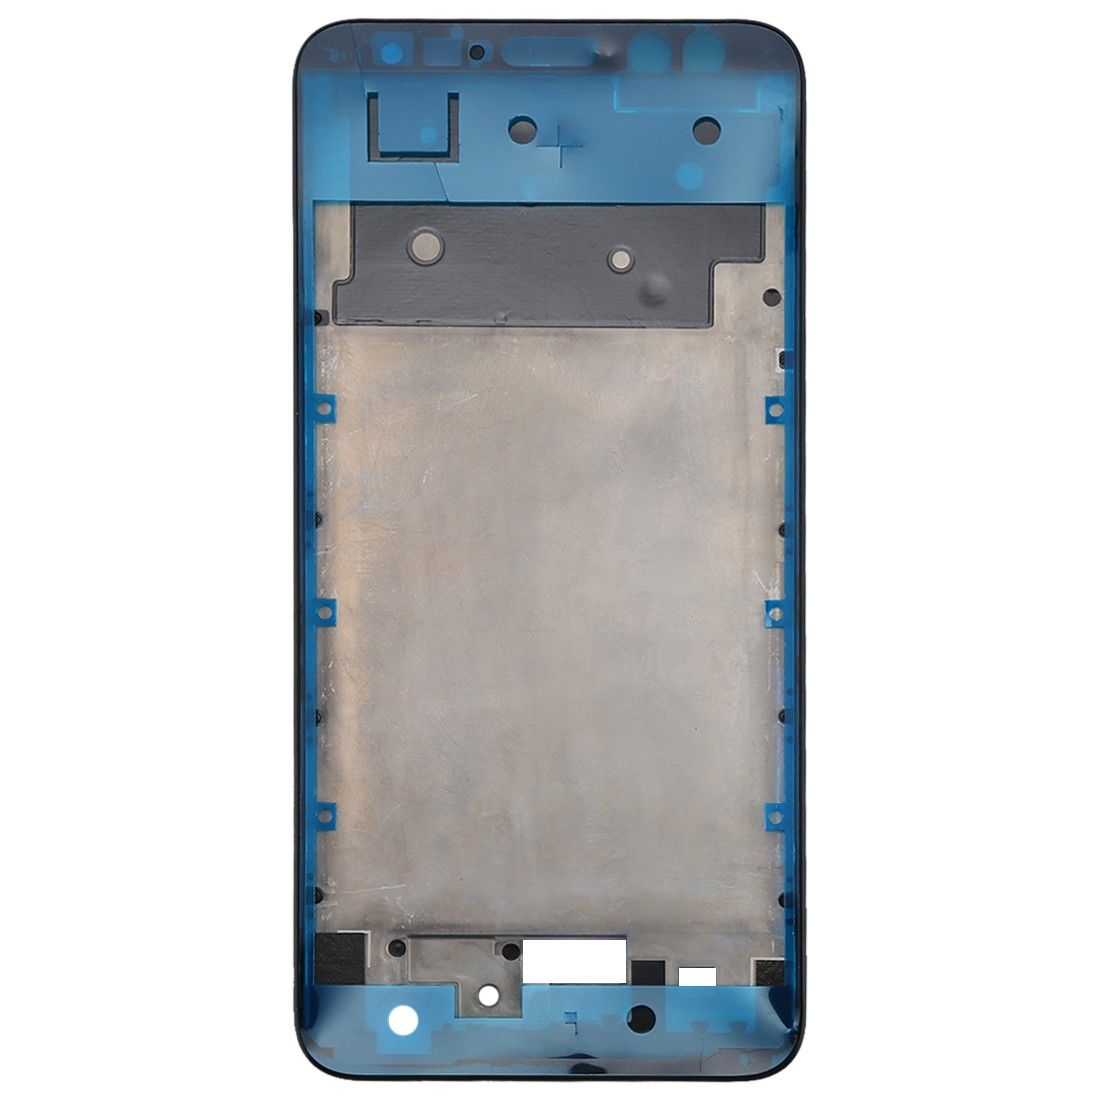 Для Huawei Mate 10 Lite/Maimang 6 Белый/Черный Цвет Передняя рамка корпуса с ушным спекатором Сетчатый Чехол